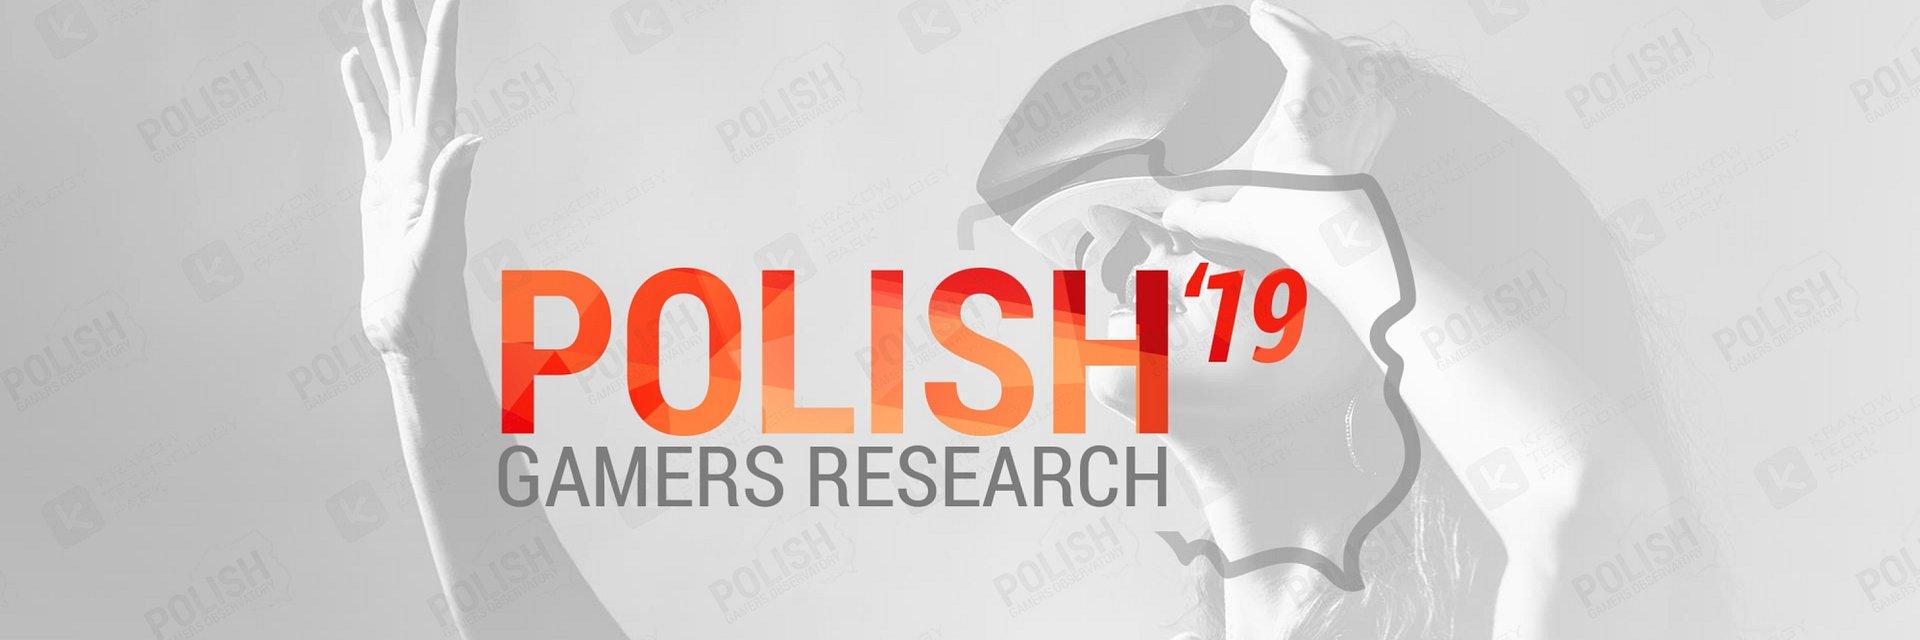 Przedstawiamy cząstkowe wyniki badania Polish Gamers Research'19